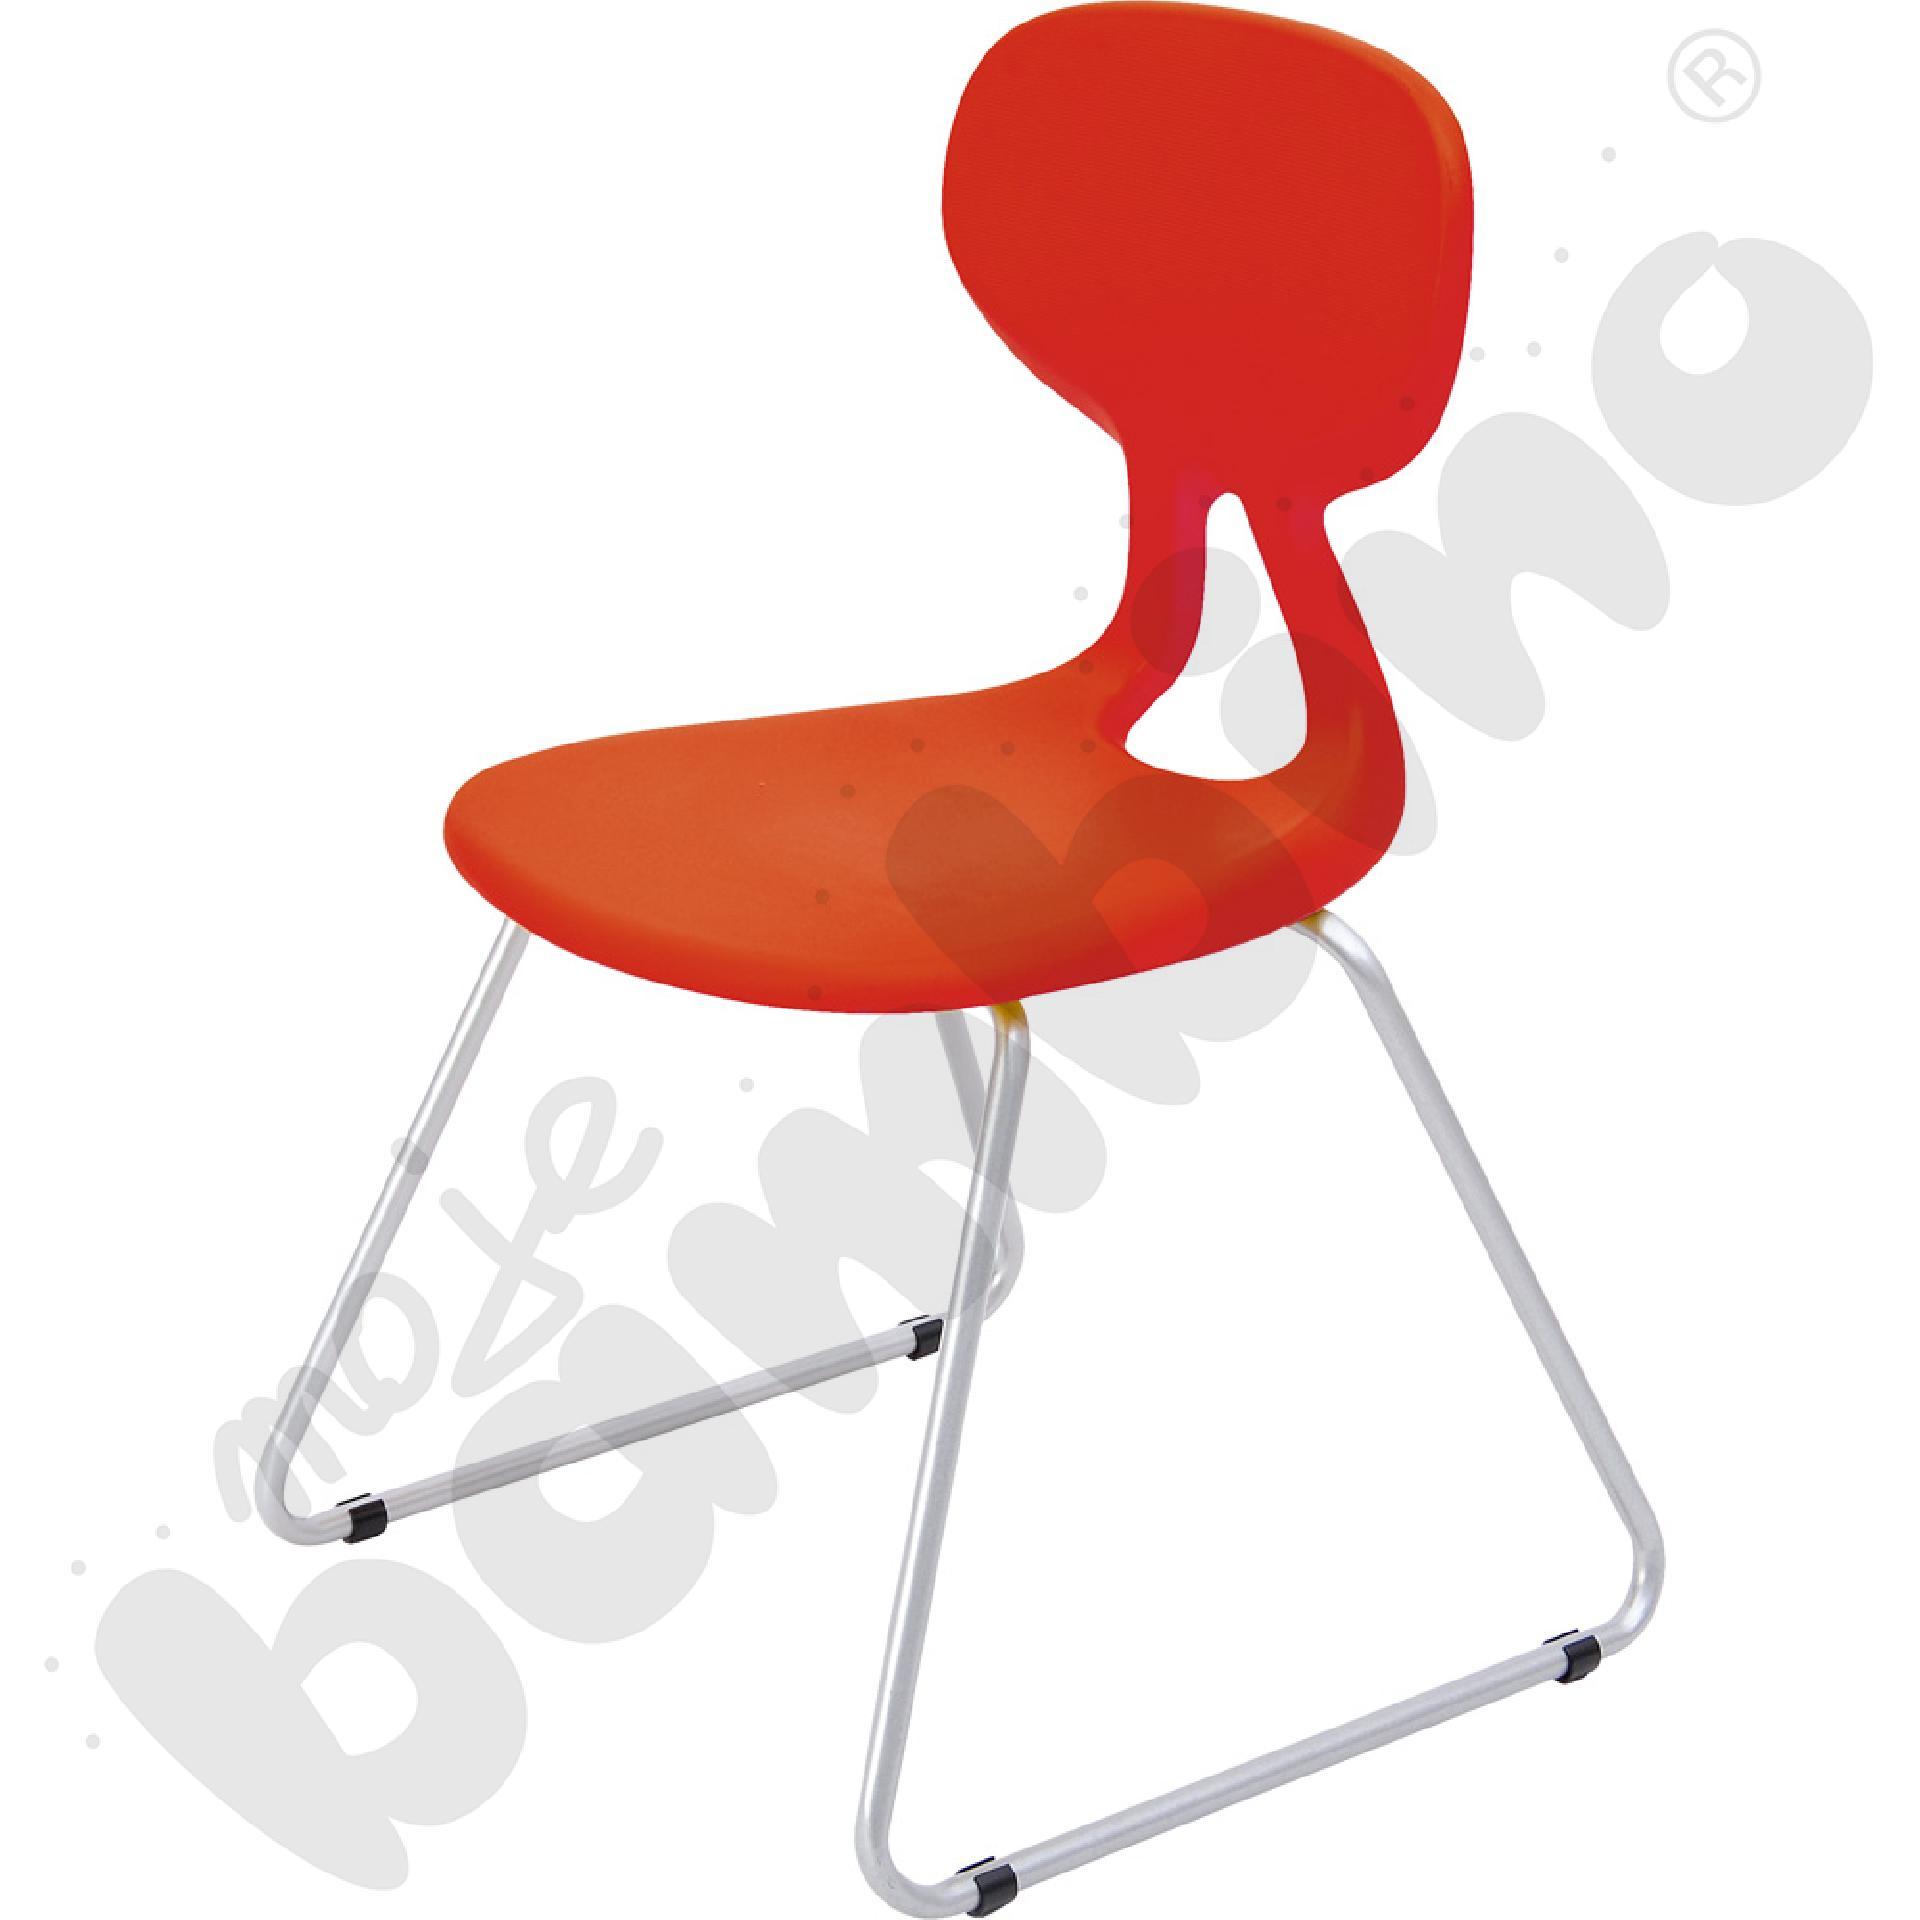 Krzesło Colores Plus rozm. 6 czerwone